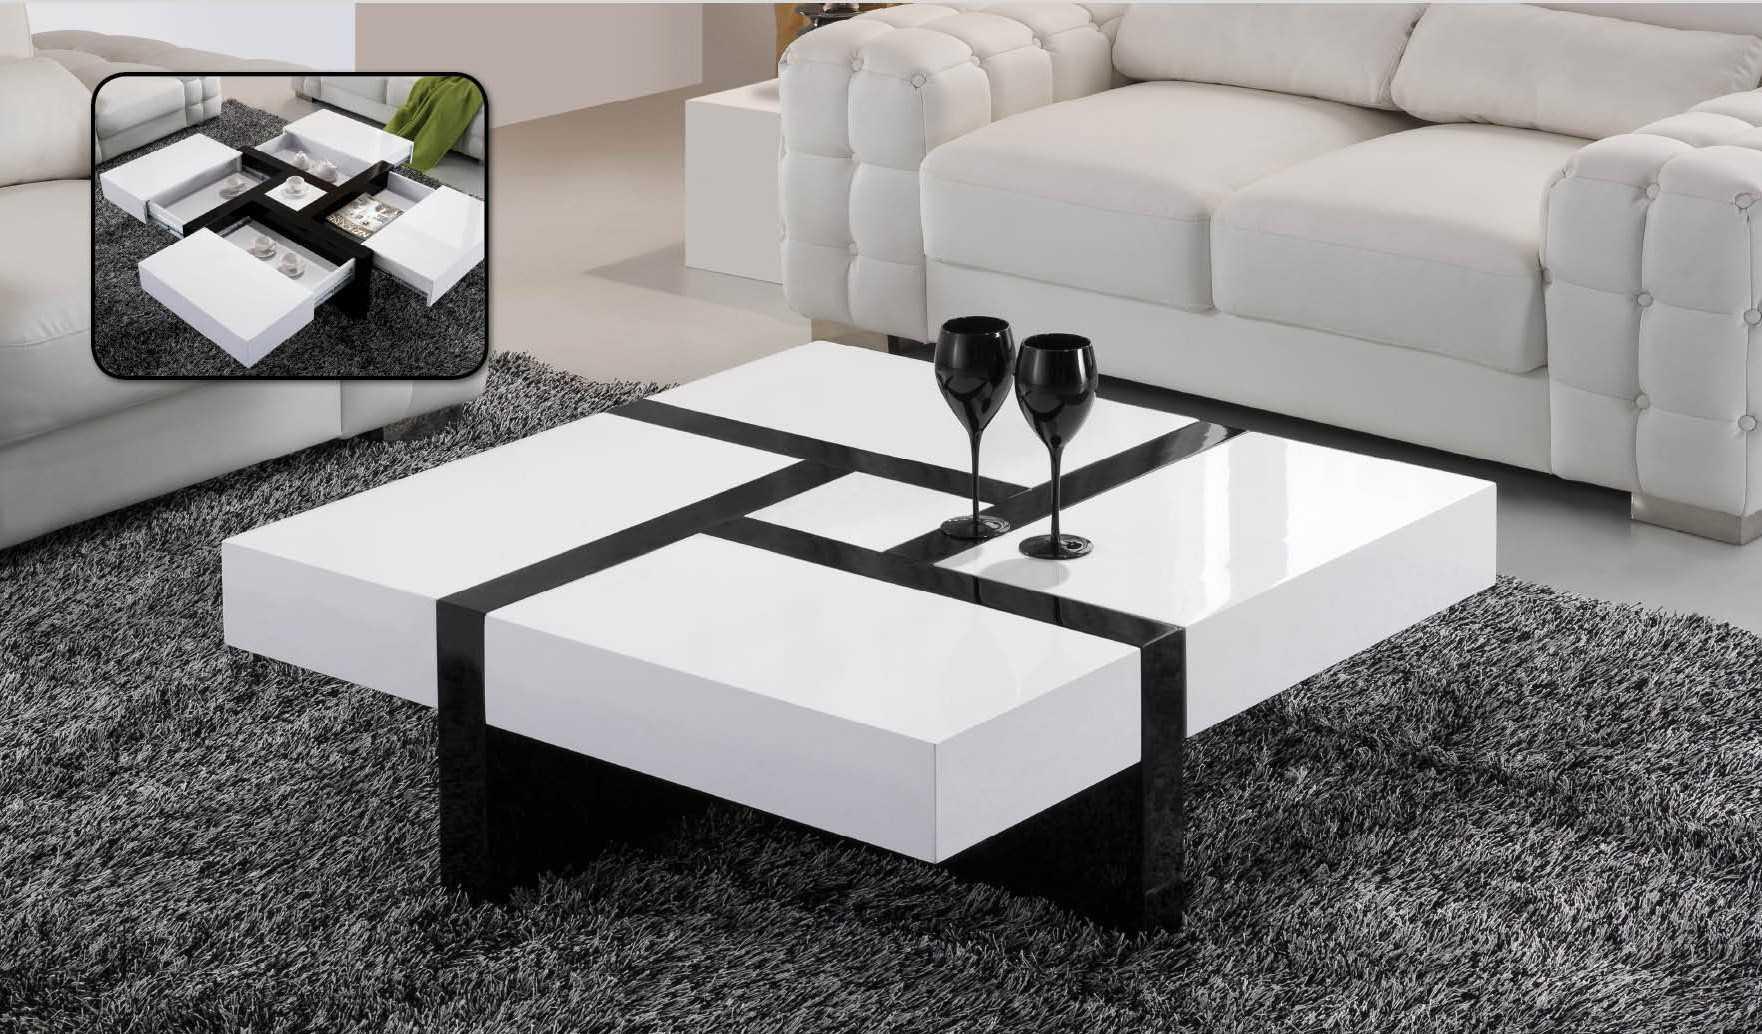 table basse pas cher suisse maison et meuble de maison. Black Bedroom Furniture Sets. Home Design Ideas